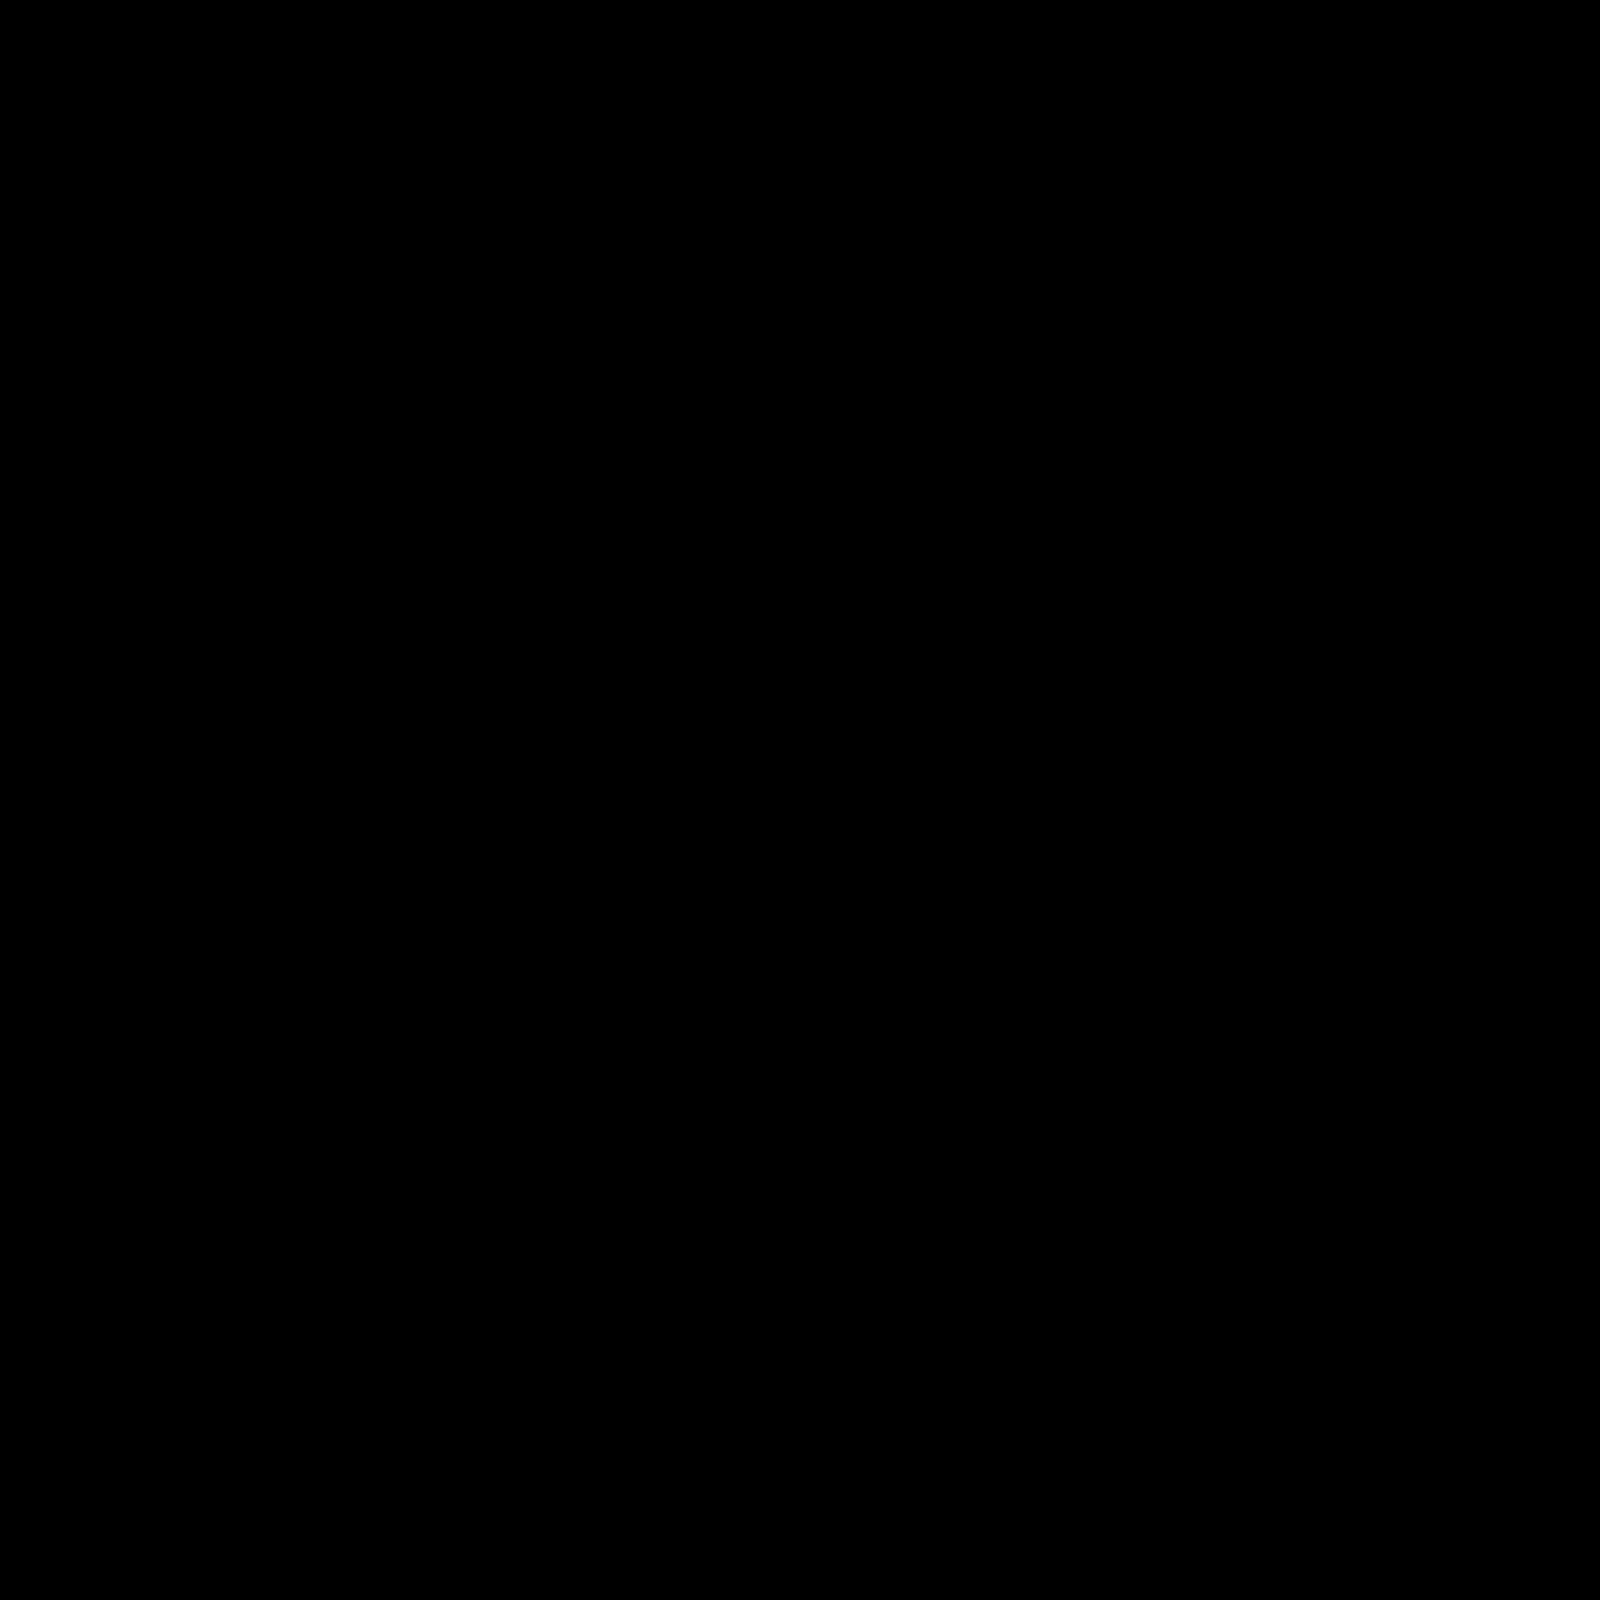 Carpeta de archivo icon